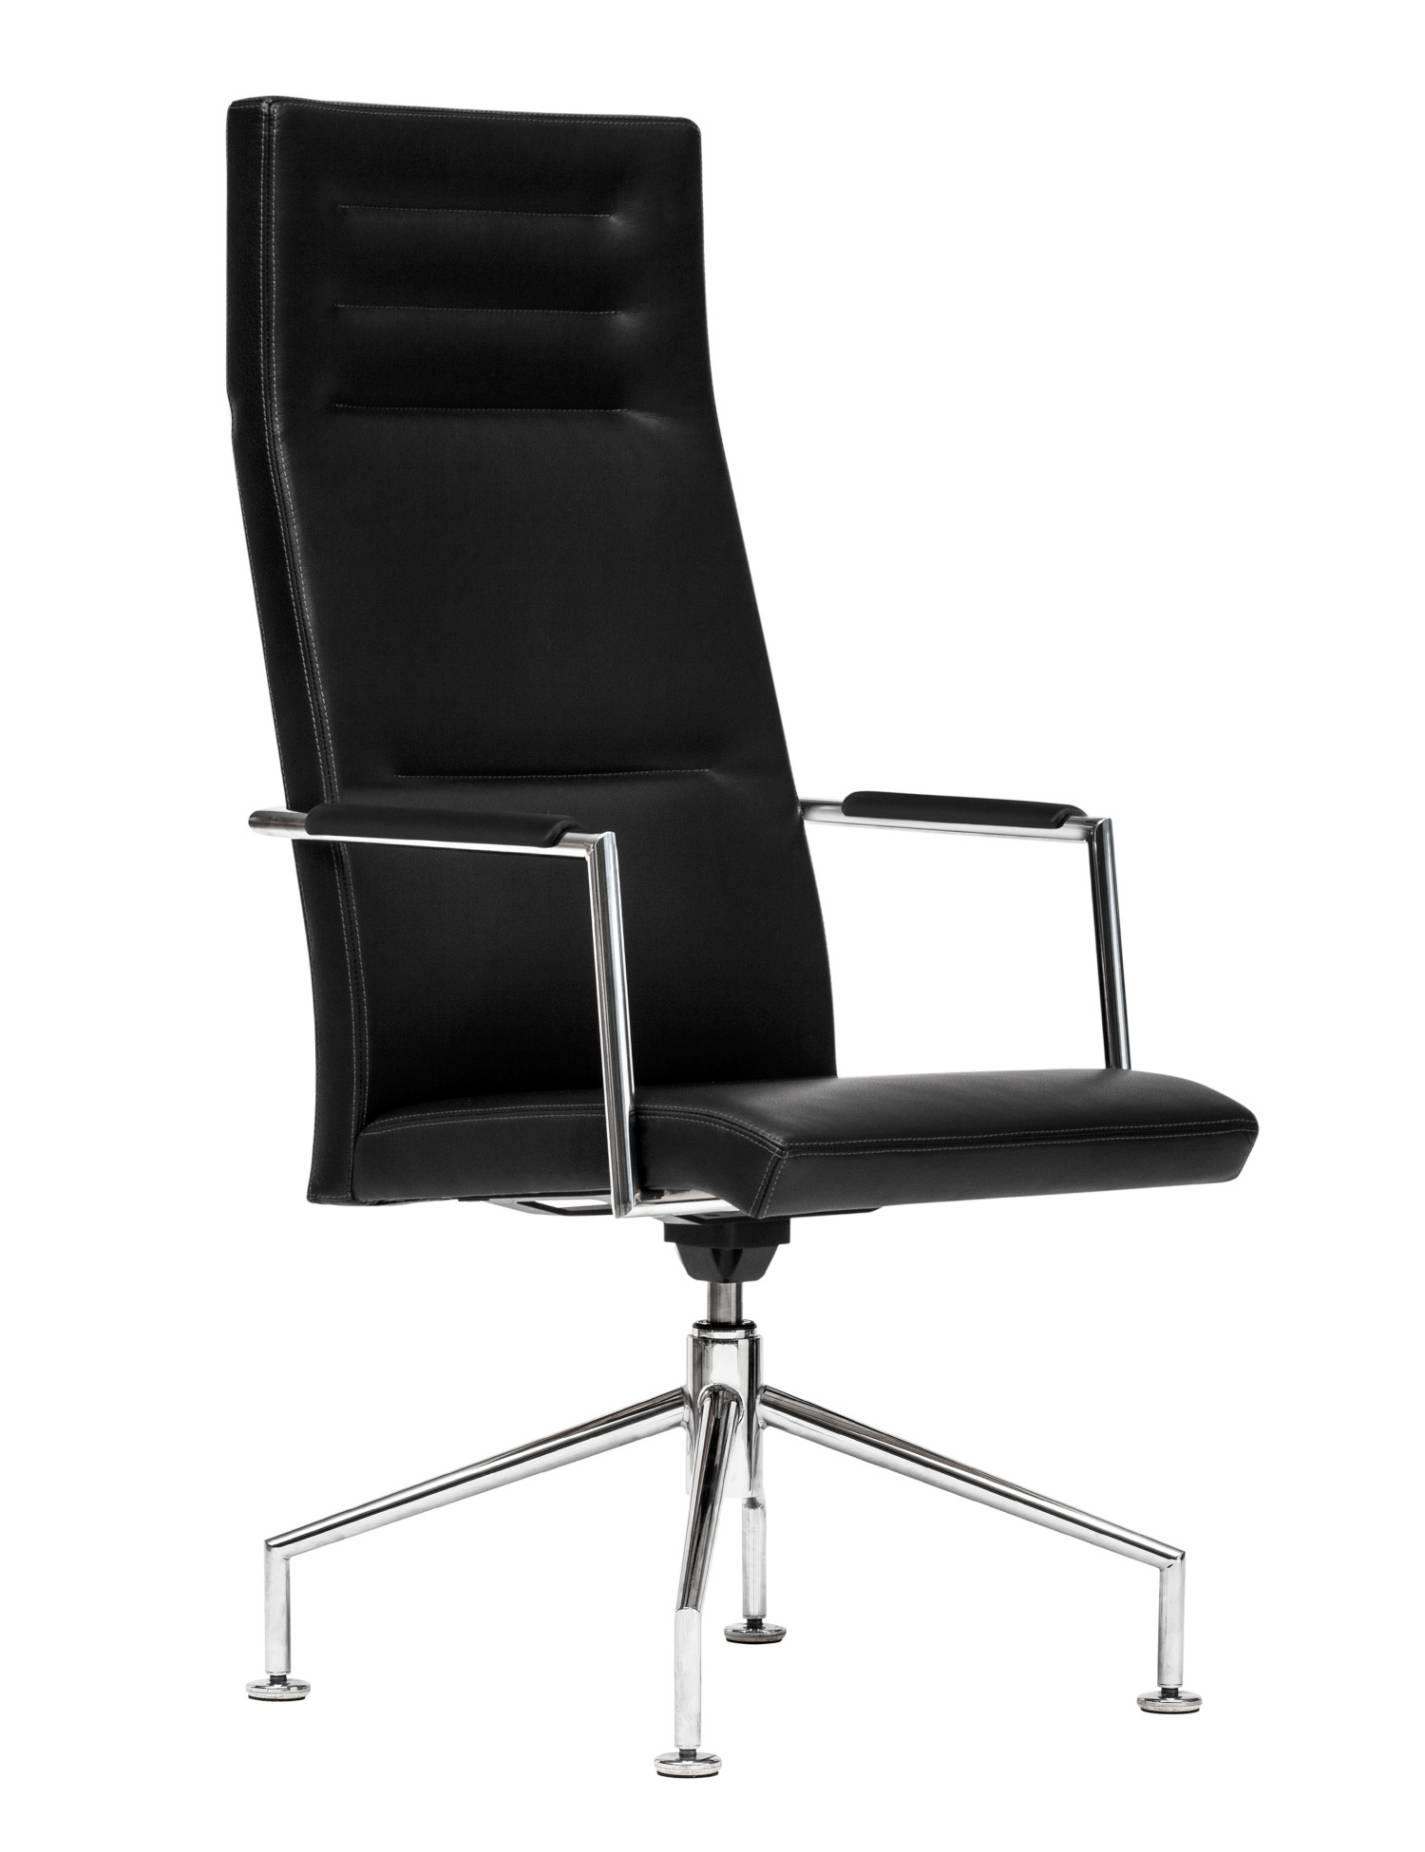 VANK Ranz Konferenzstuhl RZ250200 Büroeinrichtung